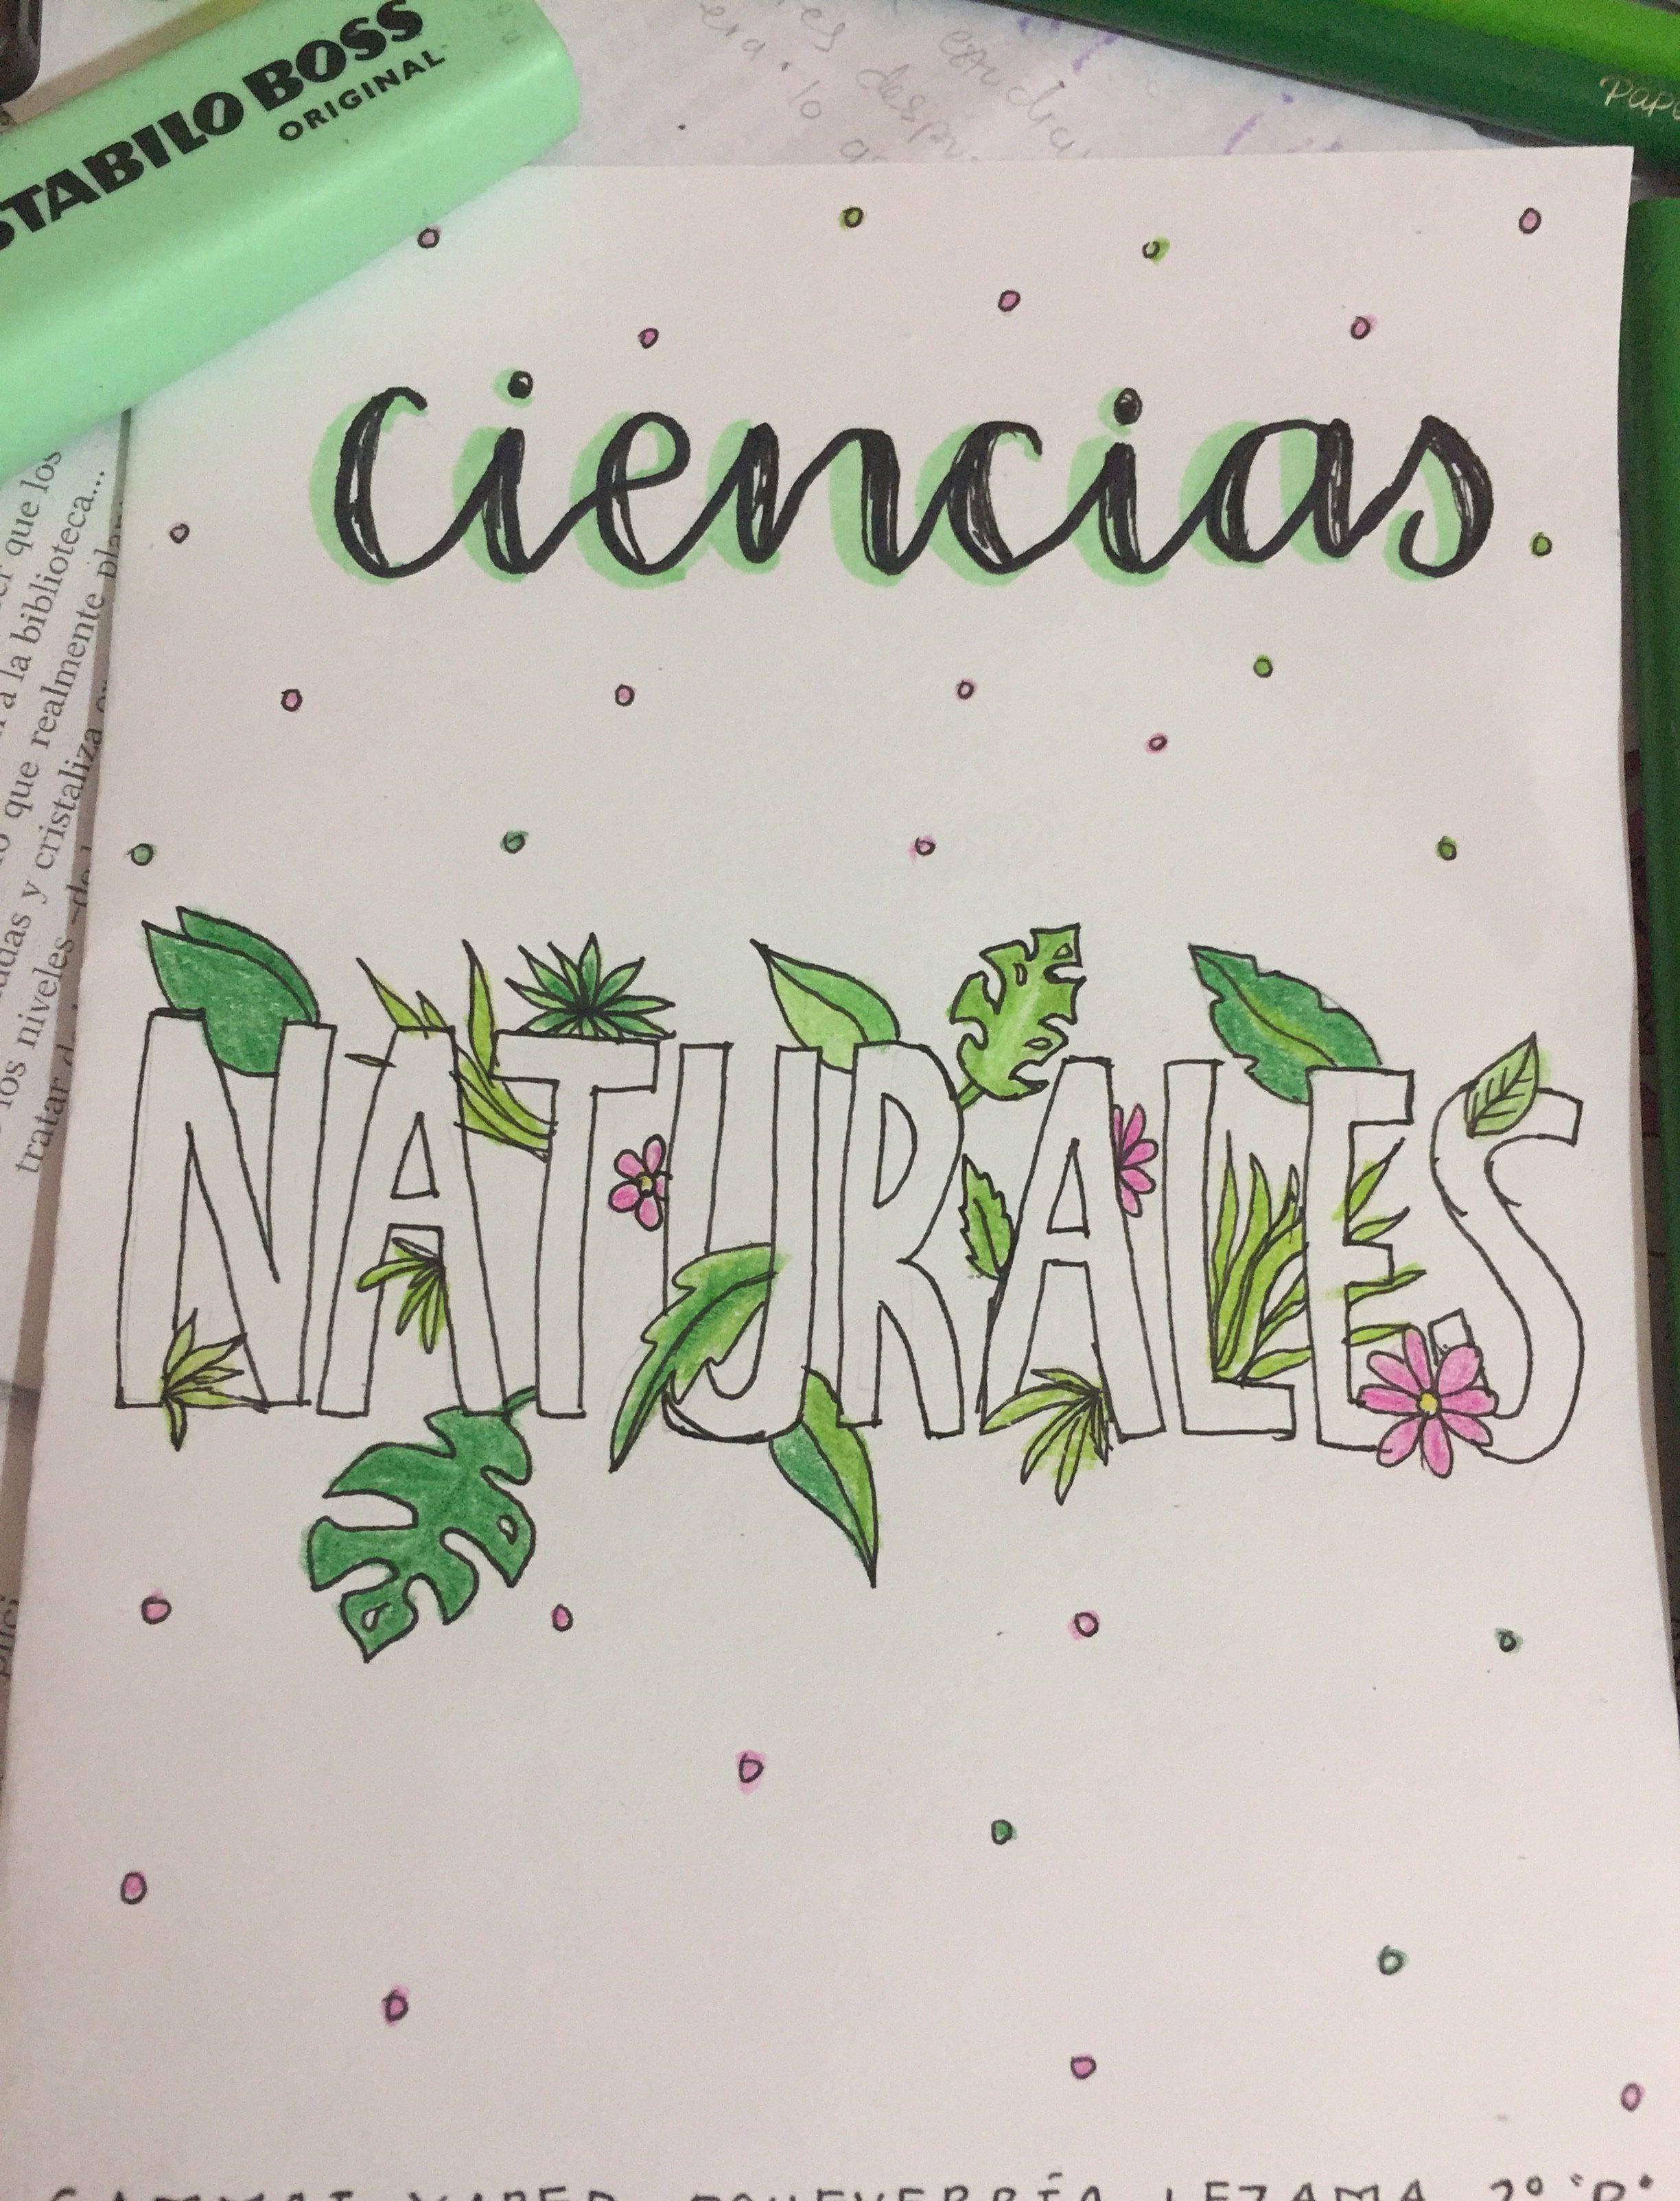 Portadas De Ciencias Biología Caratulas De Ciencias Caratulas De Ciencias Naturales Portada De Cuaderno De Ciencias